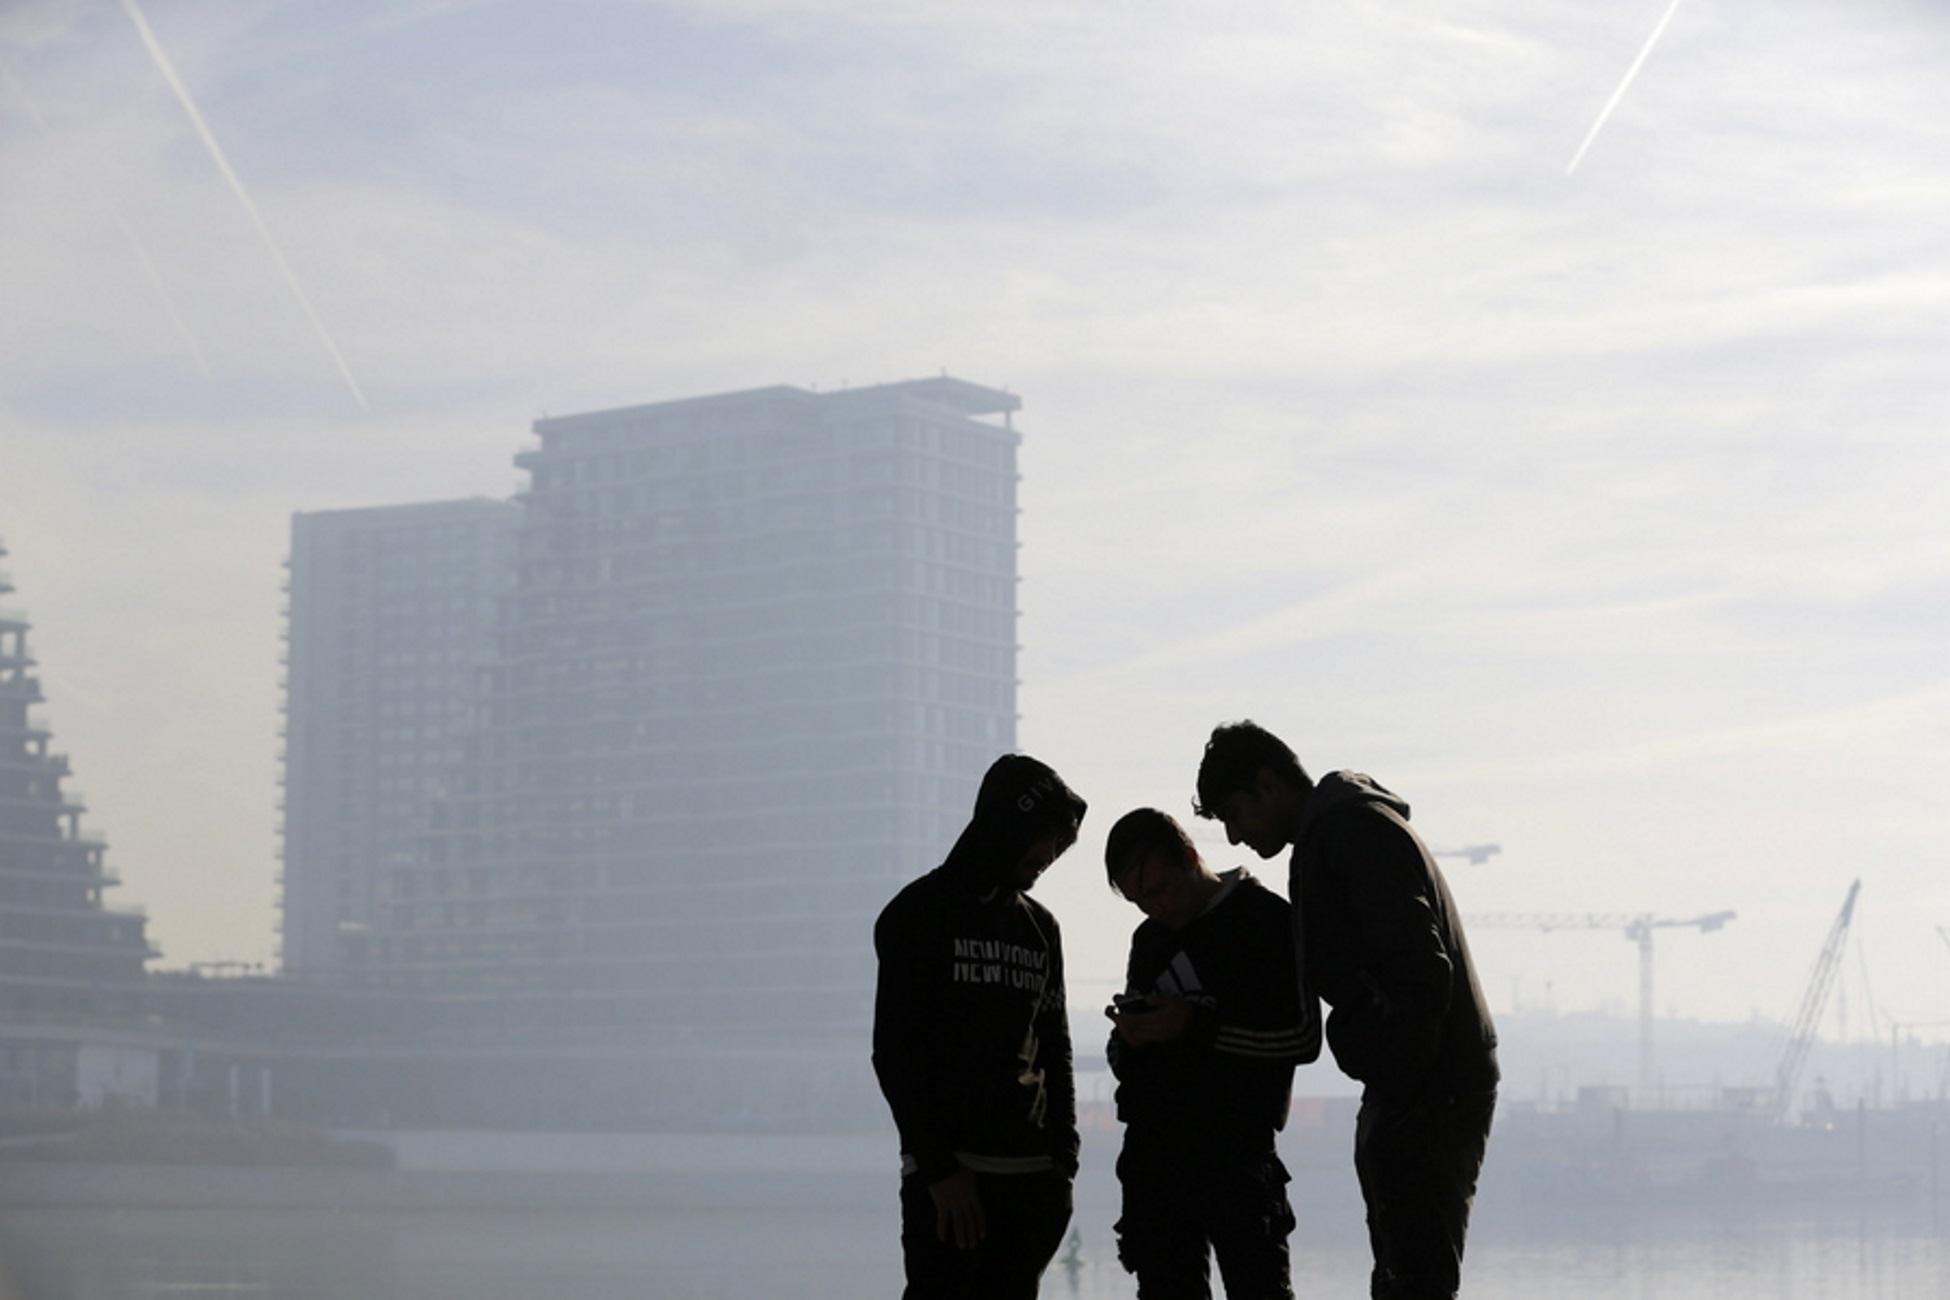 Σερβία: Στο κόκκινο η ατμοσφαιρική ρύπανση στη χώρα